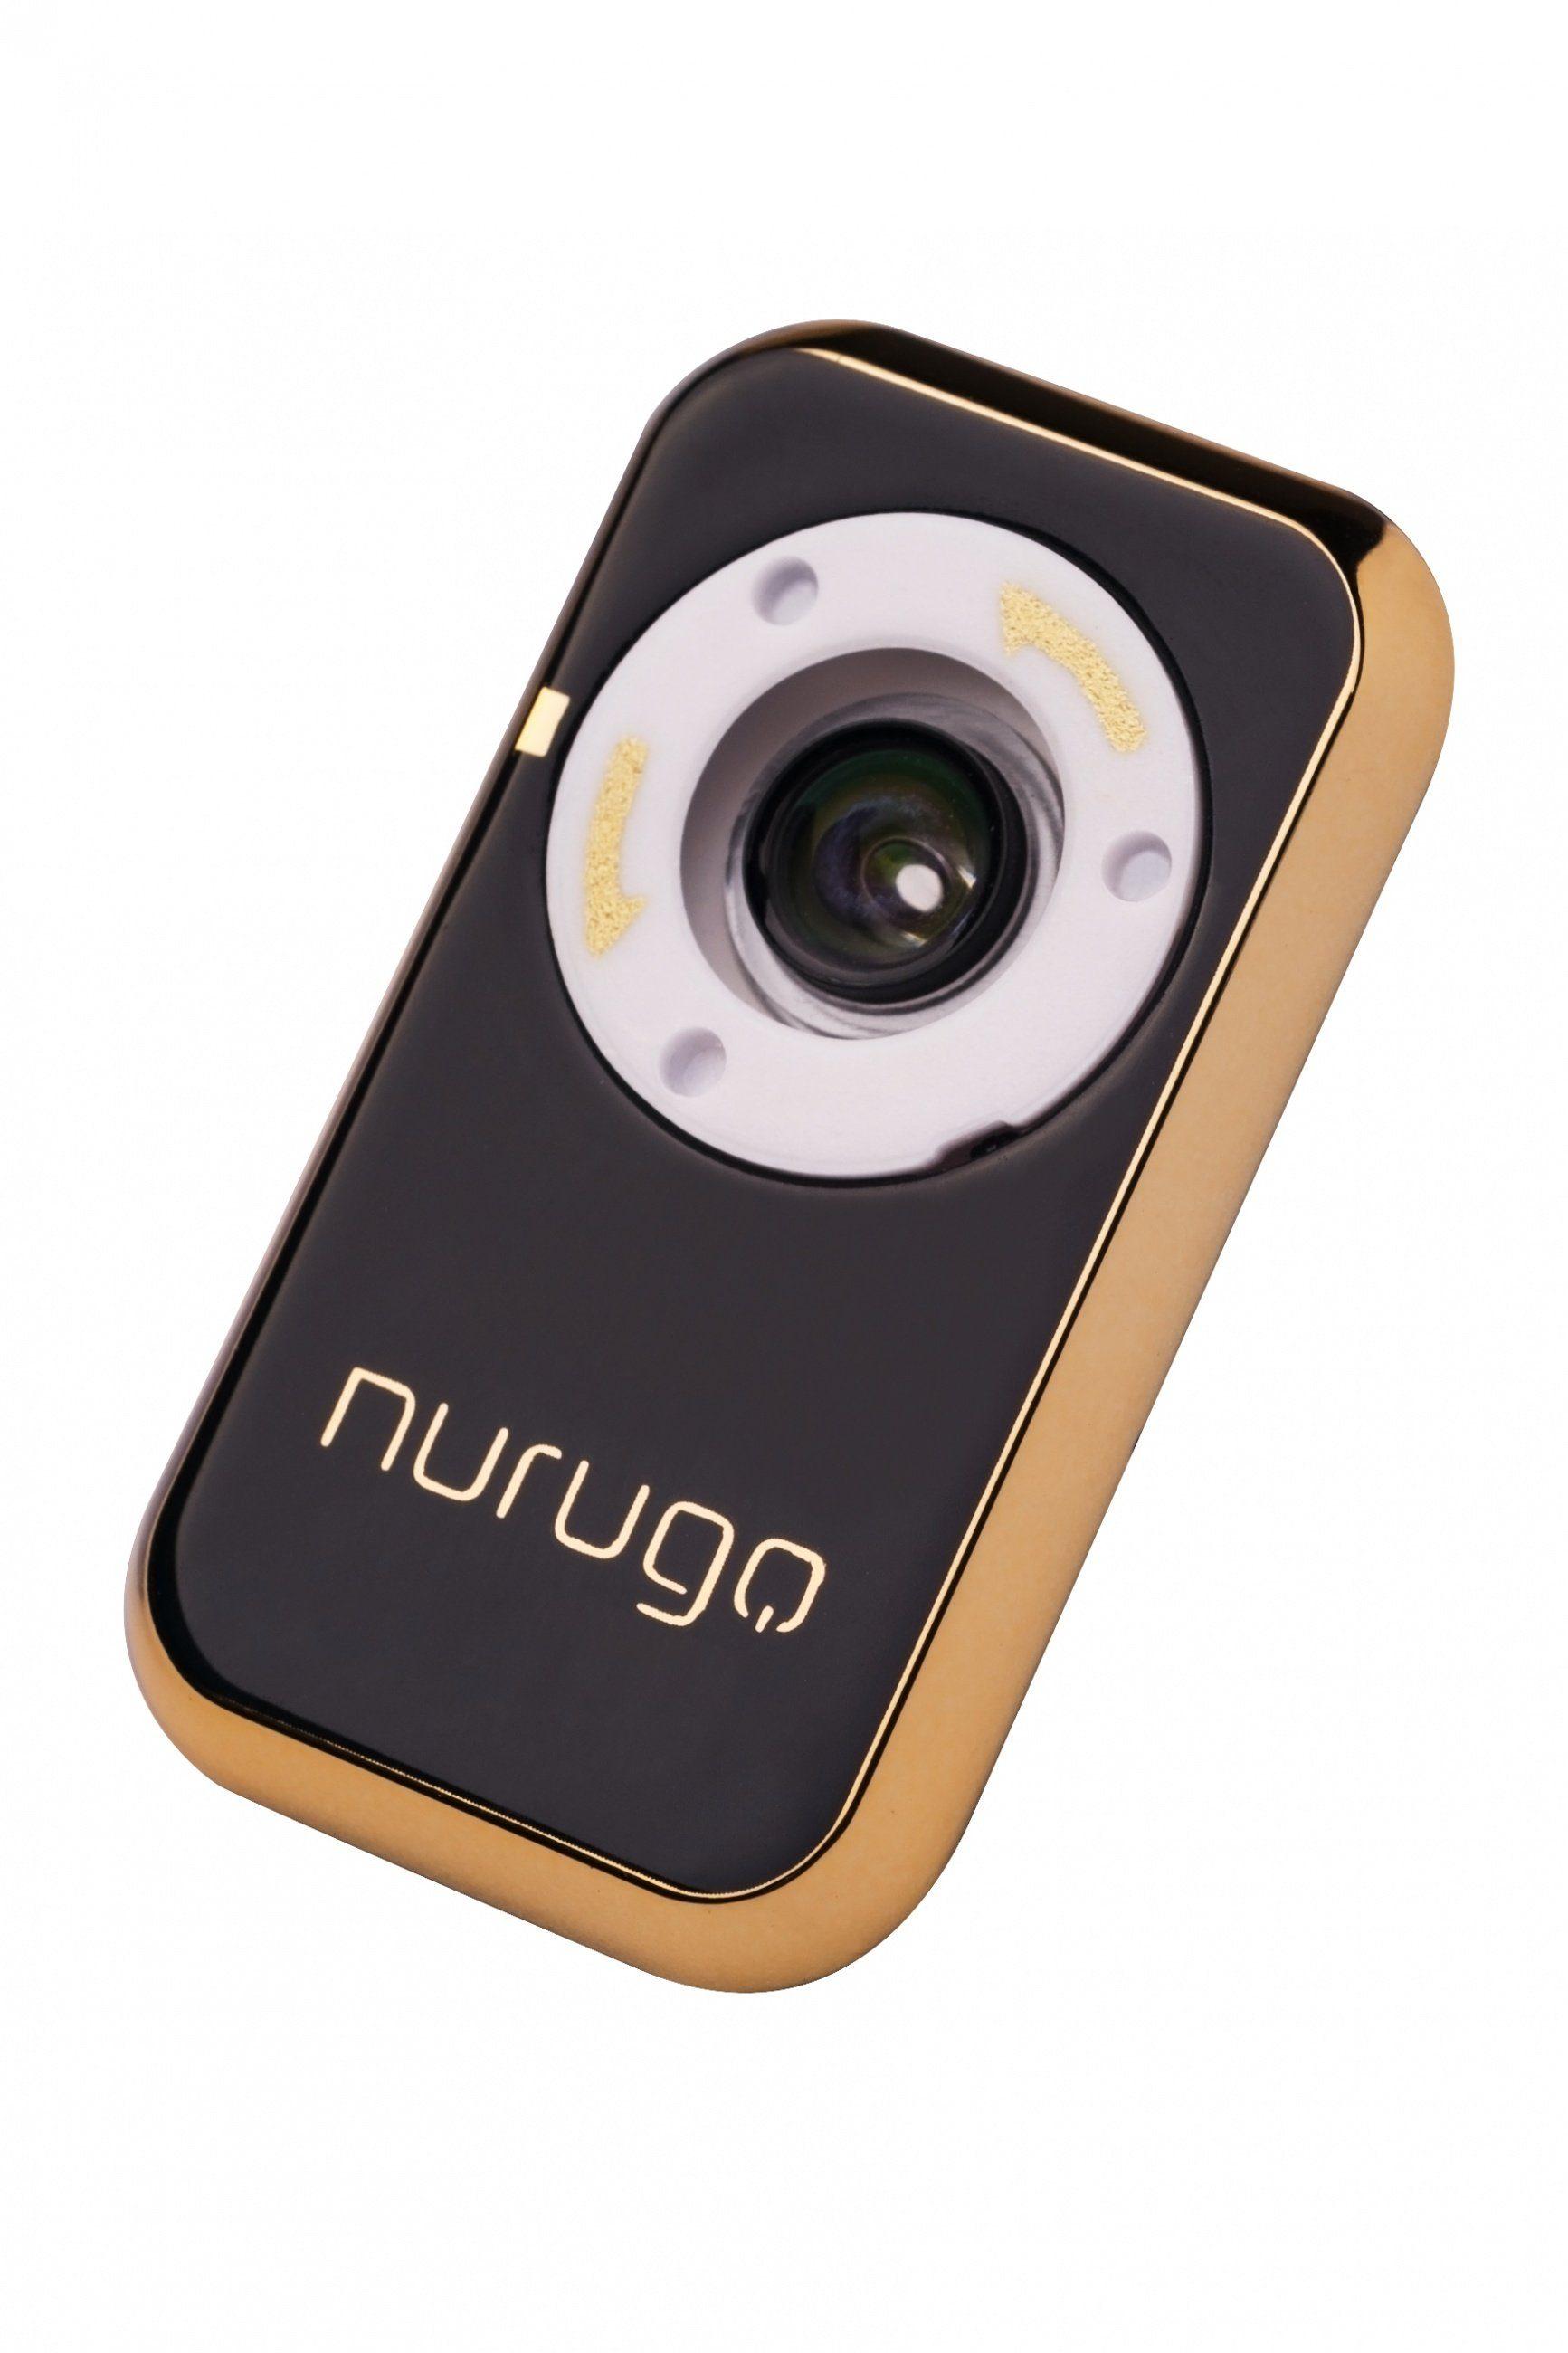 Nurugo Mikroskop »Micro 400x Smartphone Mikroskop«